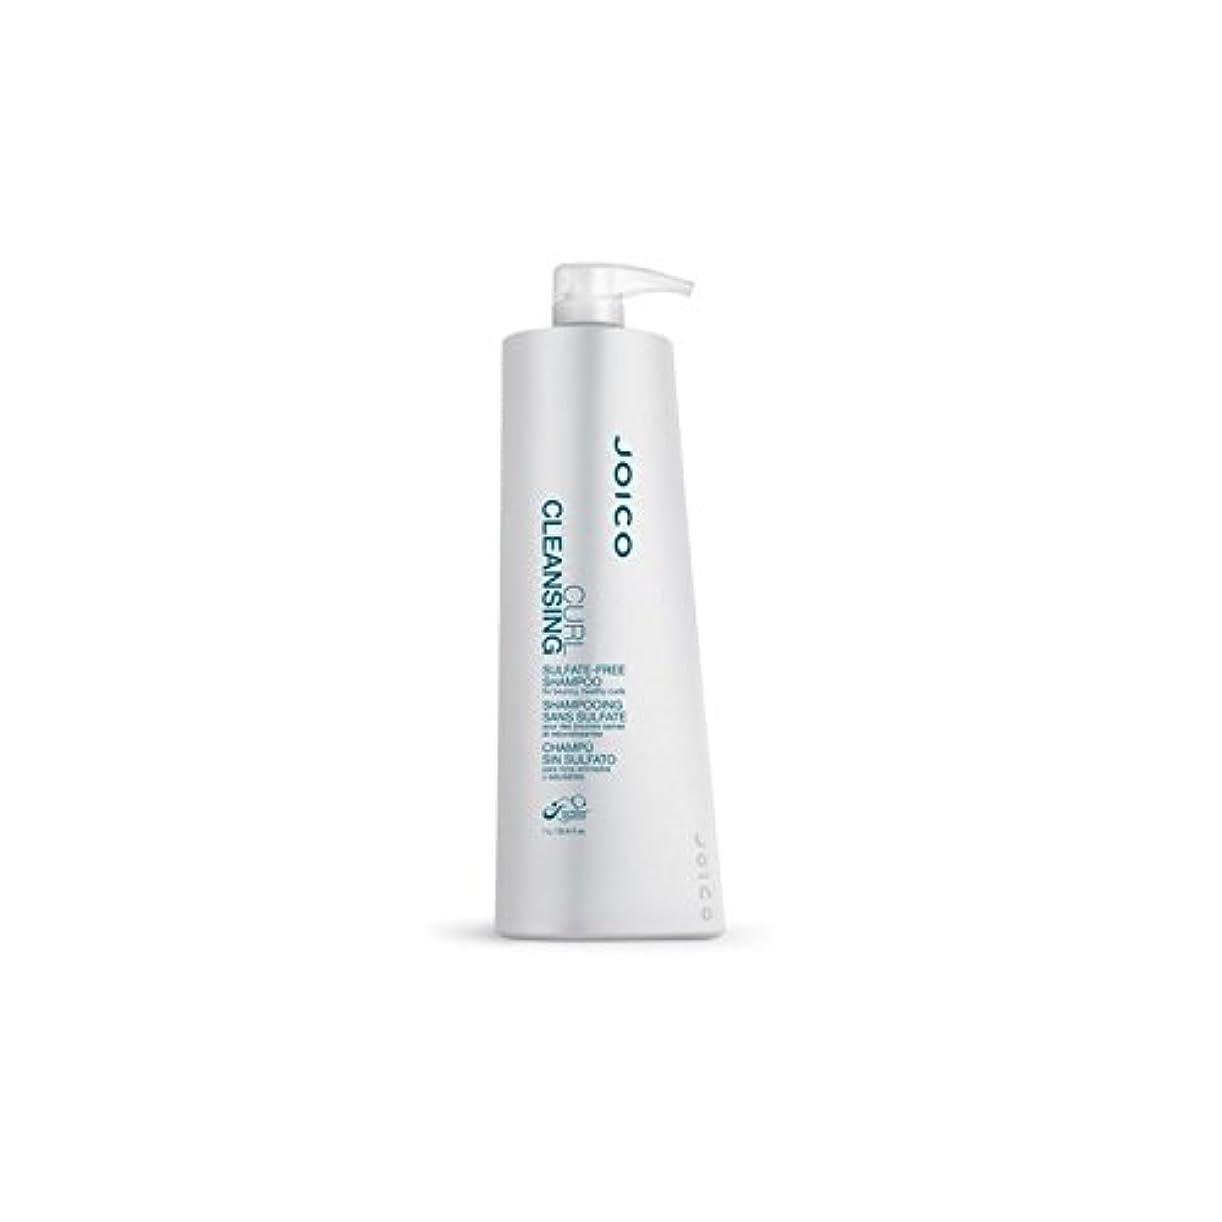 サイレントブラシマカダム快活、健康カール用ジョイコカールクレンジング硫酸フリーシャンプー(千ミリリットル) x2 - Joico Curl Cleansing Sulfate-Free Shampoo For Bouncy, Healthy Curls (1000ml) (Pack of 2) [並行輸入品]